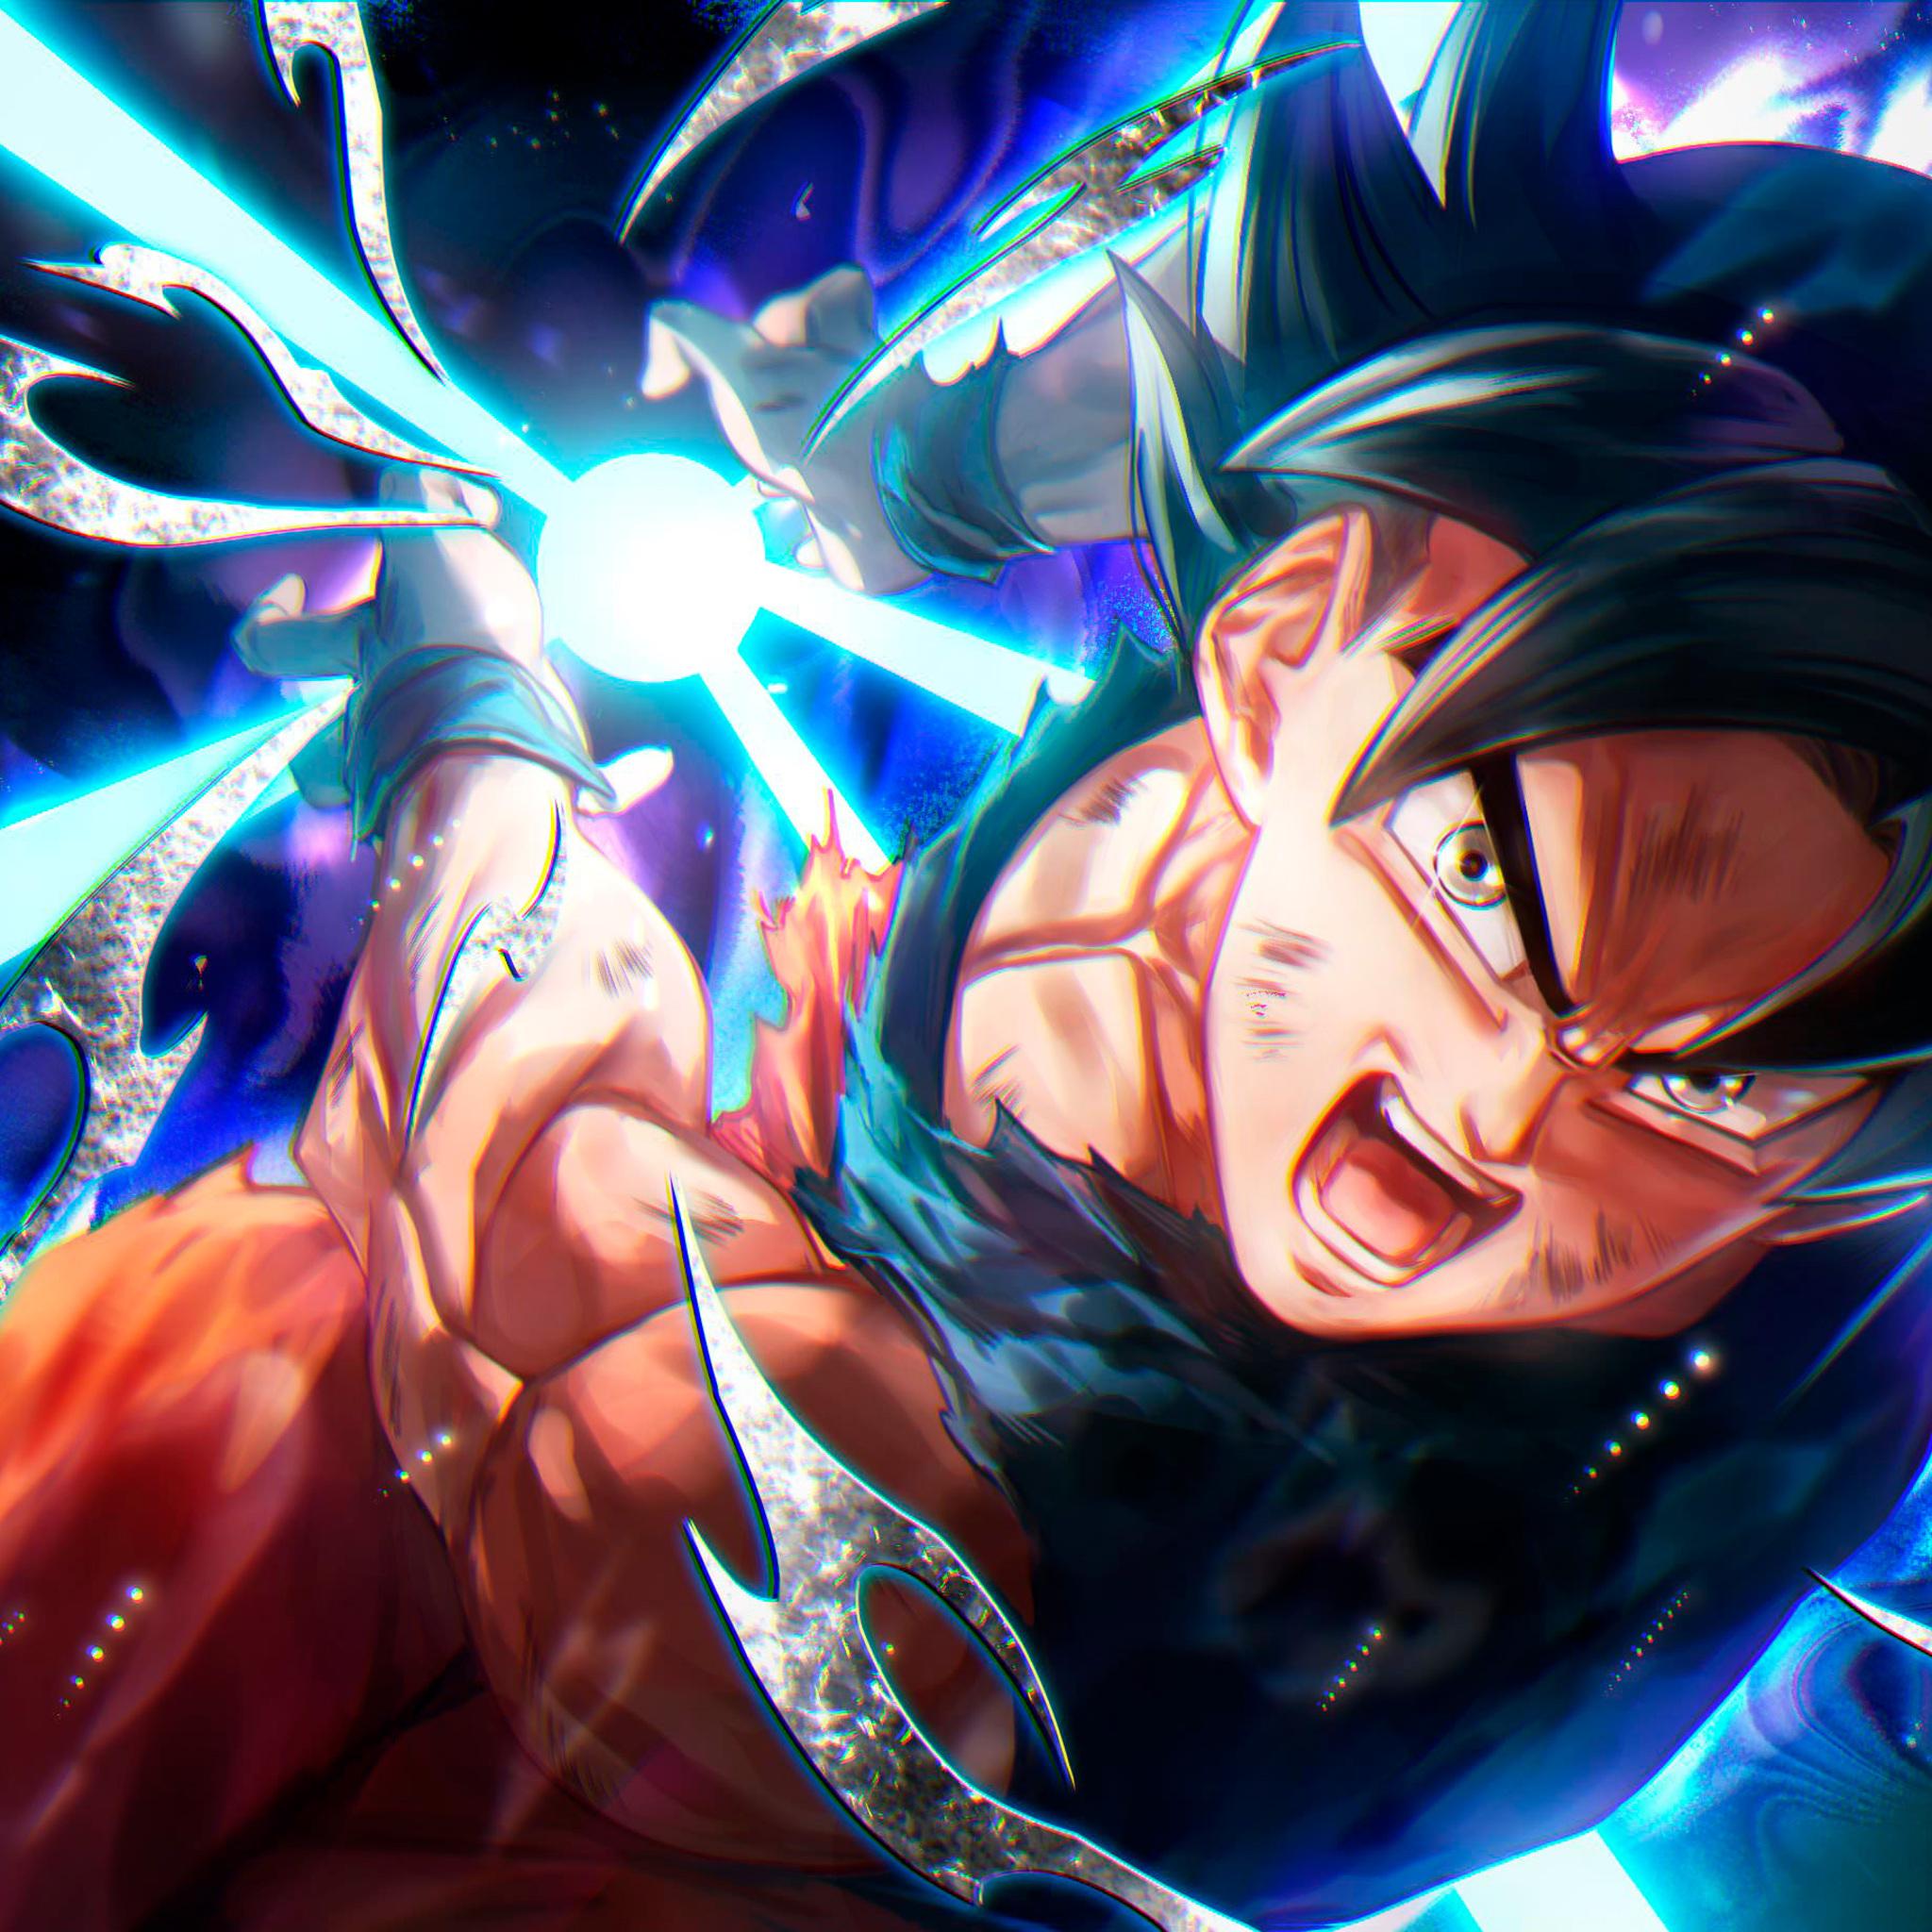 2048x2048 Goku In Dragon Ball Super Anime 4k Ipad Air Hd 4k